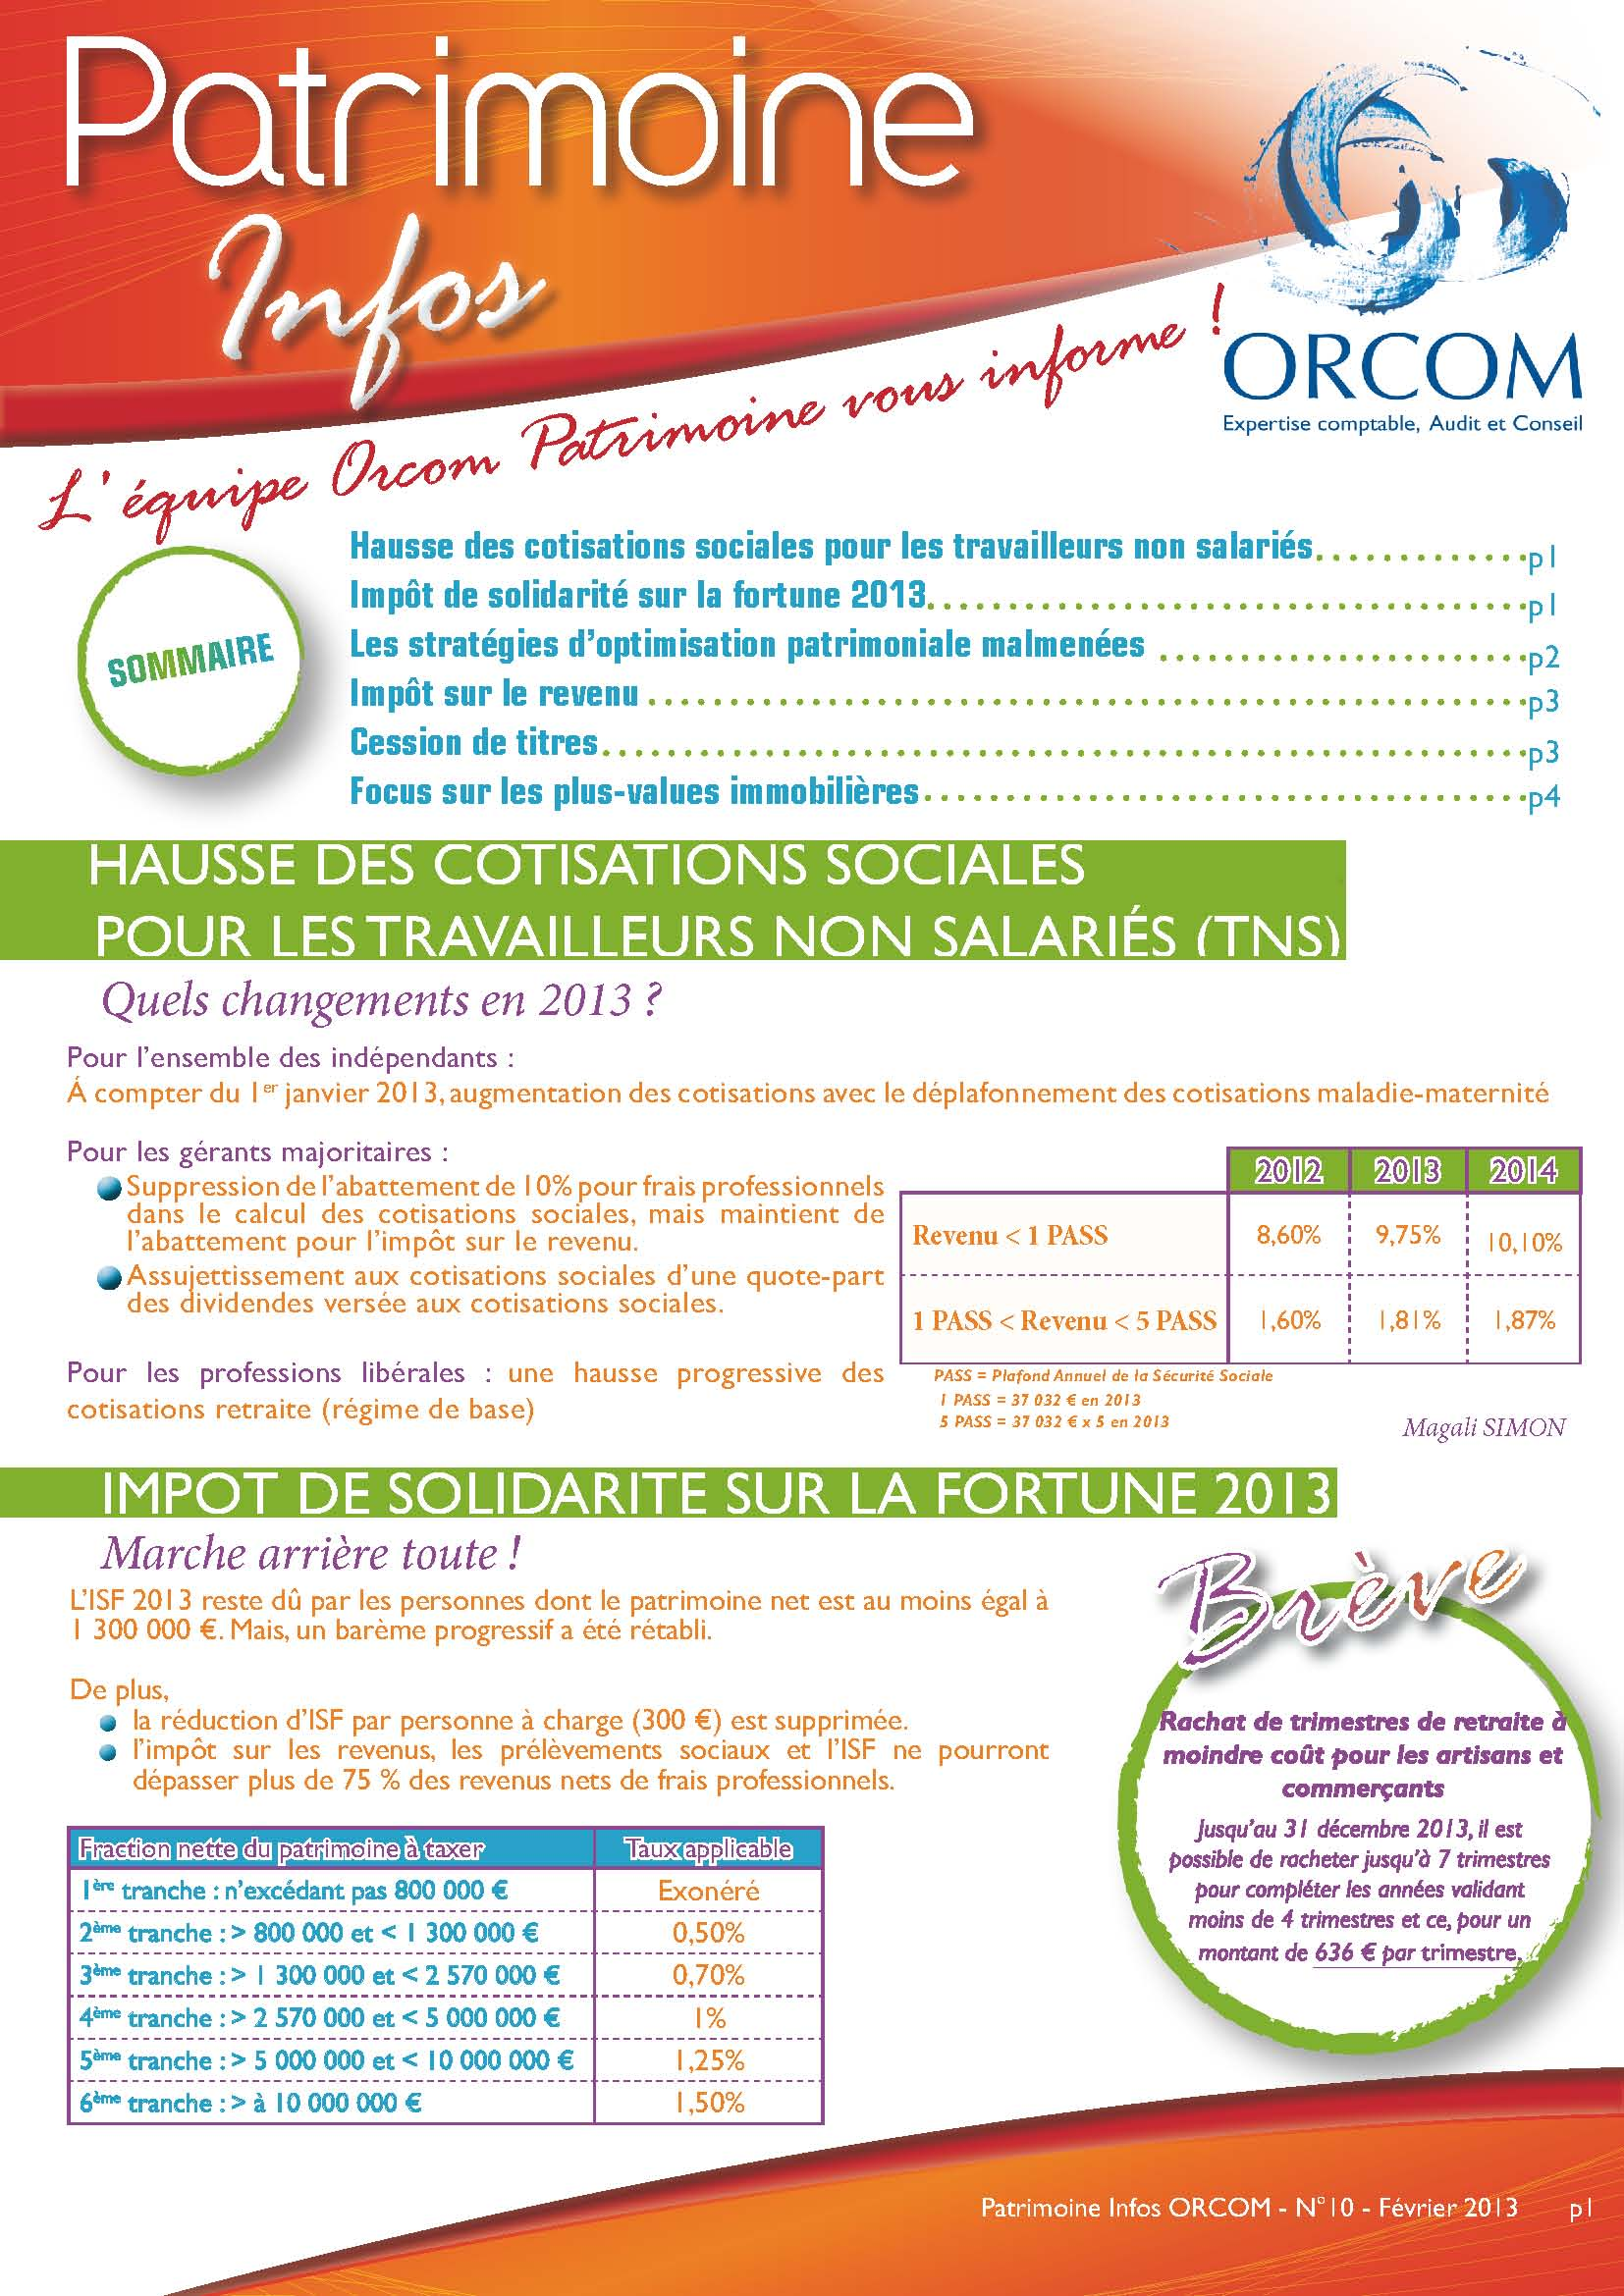 Patrimoine info orcom fiscalité conseil